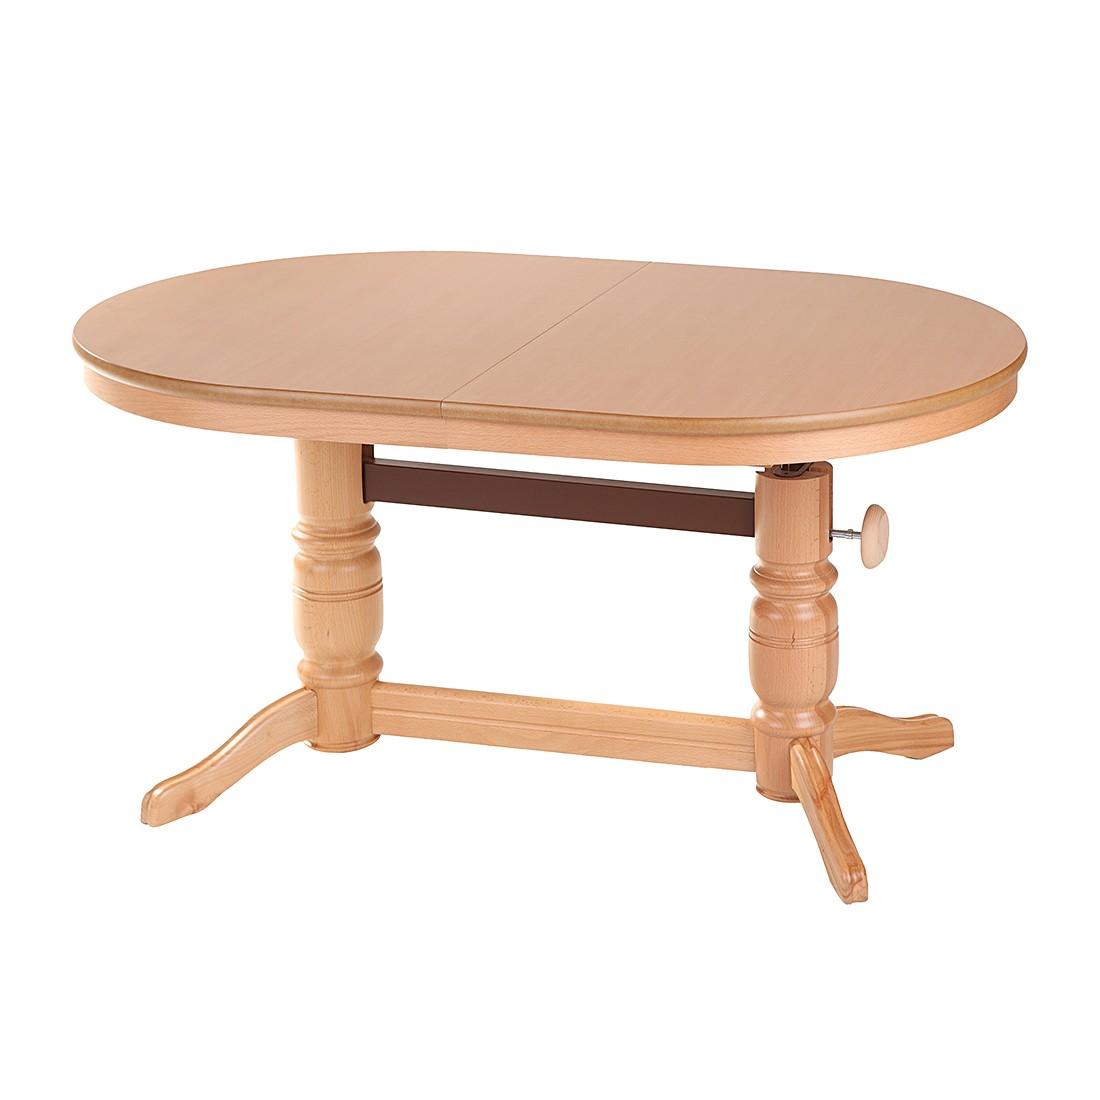 Tavolino allungabile spritz in vari colori nardi prezzo for Tavolino salotto allungabile